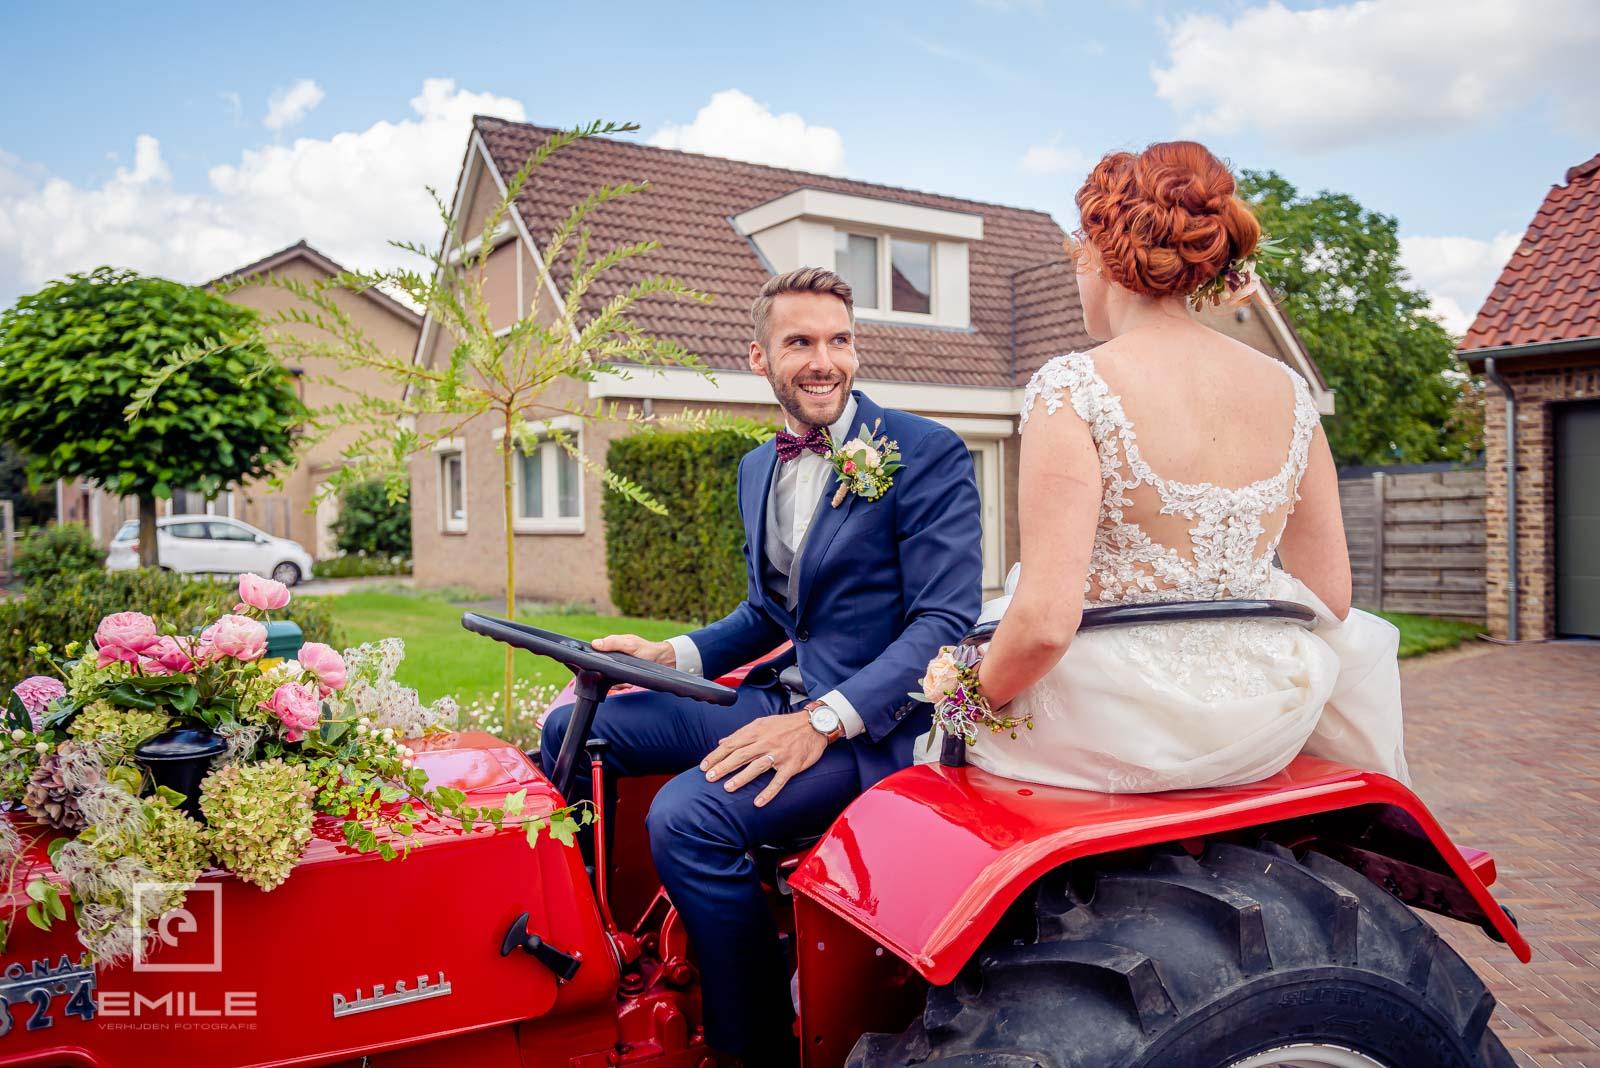 Weer thuis met de tractor. Huwelijk Wylre Zuid-Limburg